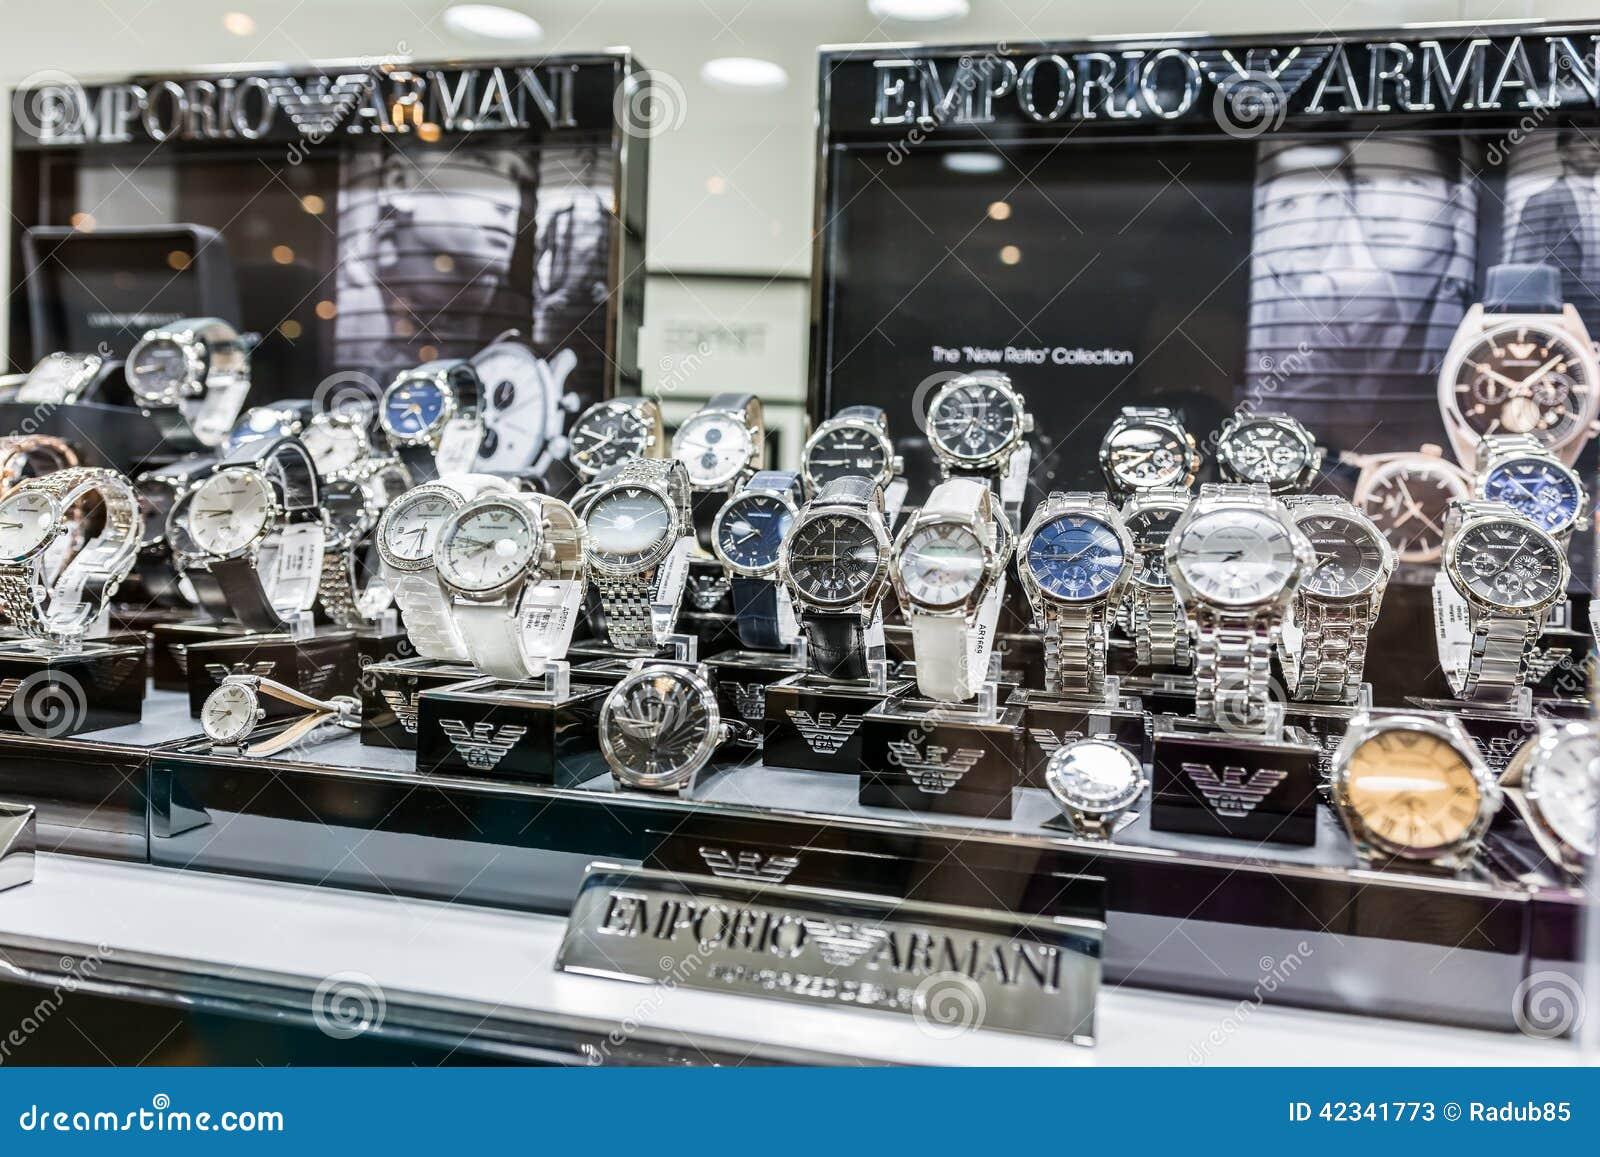 Giorgio Armani Watches In Shop Window Editorial Stock